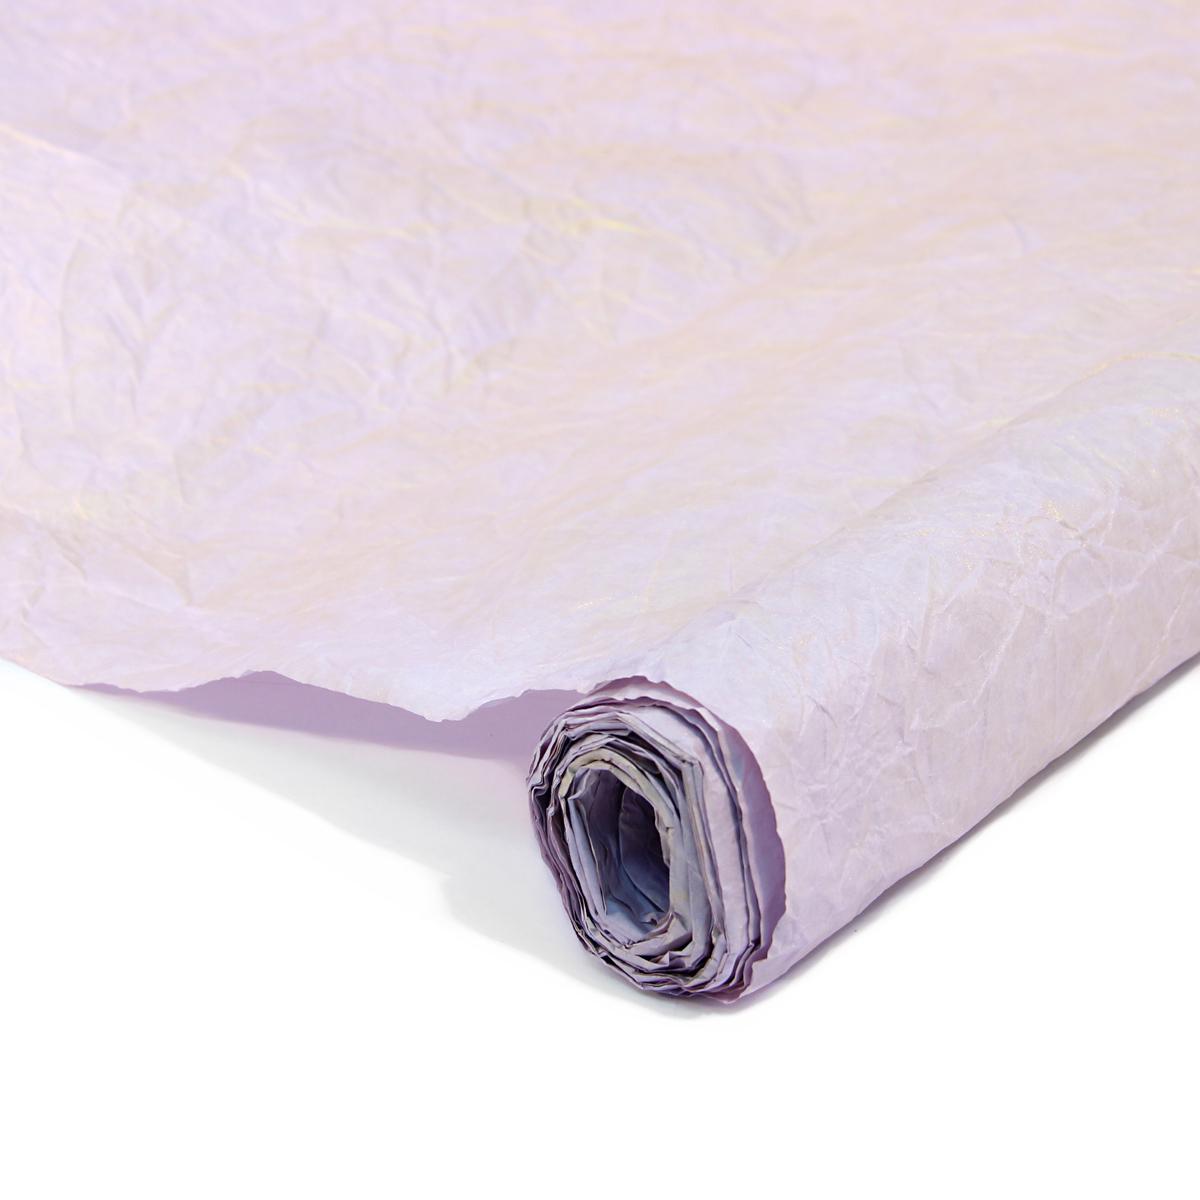 Бумага упаковочная Veld-Co Эколюкc, цвет: сиреневый, золотистый, 70 см х 5 м44150Бумага Veld-Co Эколюкc - это универсальный материал дляупаковки подарков и оформления букетов. Она достаточноплотная и в тоже время пластичная. Благодаря органичнойфактуре, великолепно ложится и на нестандартные формы(круглые, овальные). Эта бумага хорошо комбинируется с другими материалами. Её можноиспользовать в качестве декоративных элементов. К ней легко подобратьаксессуары - подойдут натуральные шнуры, рафия, ленты (репсовая,шёлковая, хлопковая). Благодаря этому материалу - мастер выполнитлюбую задачу, поставленную перед ним. Ко всему прочему- бумагу в рулоне удобнее хранить, использовать,транспортировать.